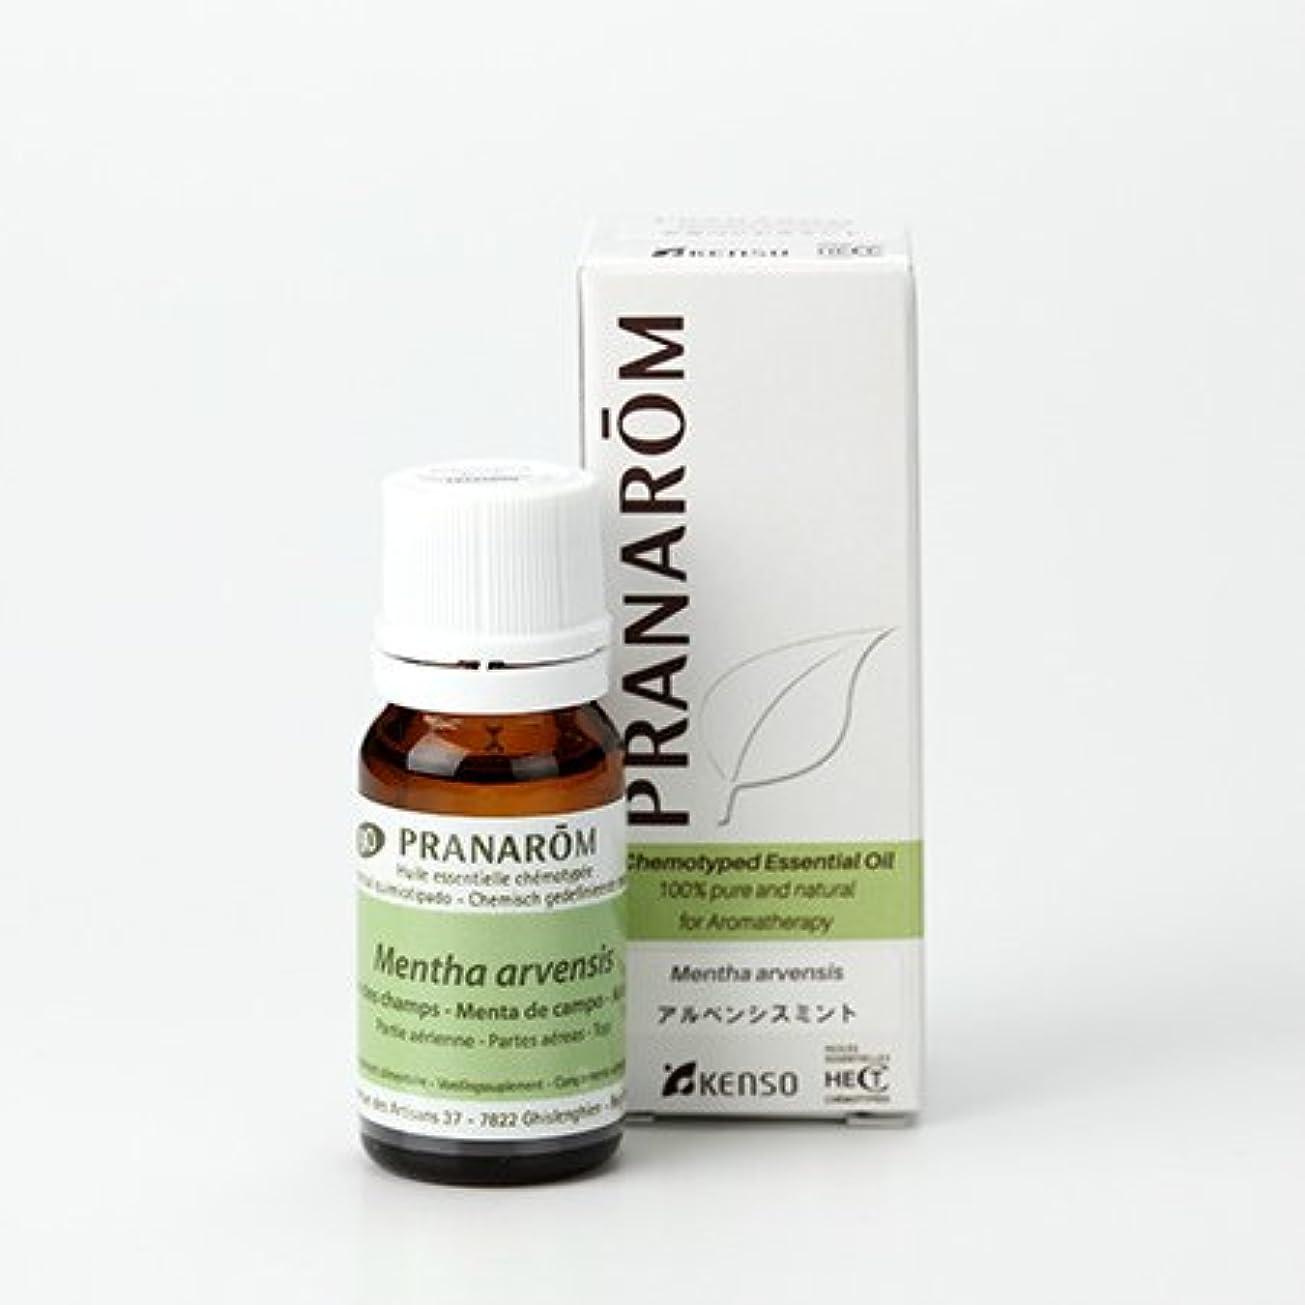 ペネロペ運ぶ追跡プラナロム アルベンシスミント 10ml (PRANAROM ケモタイプ精油)